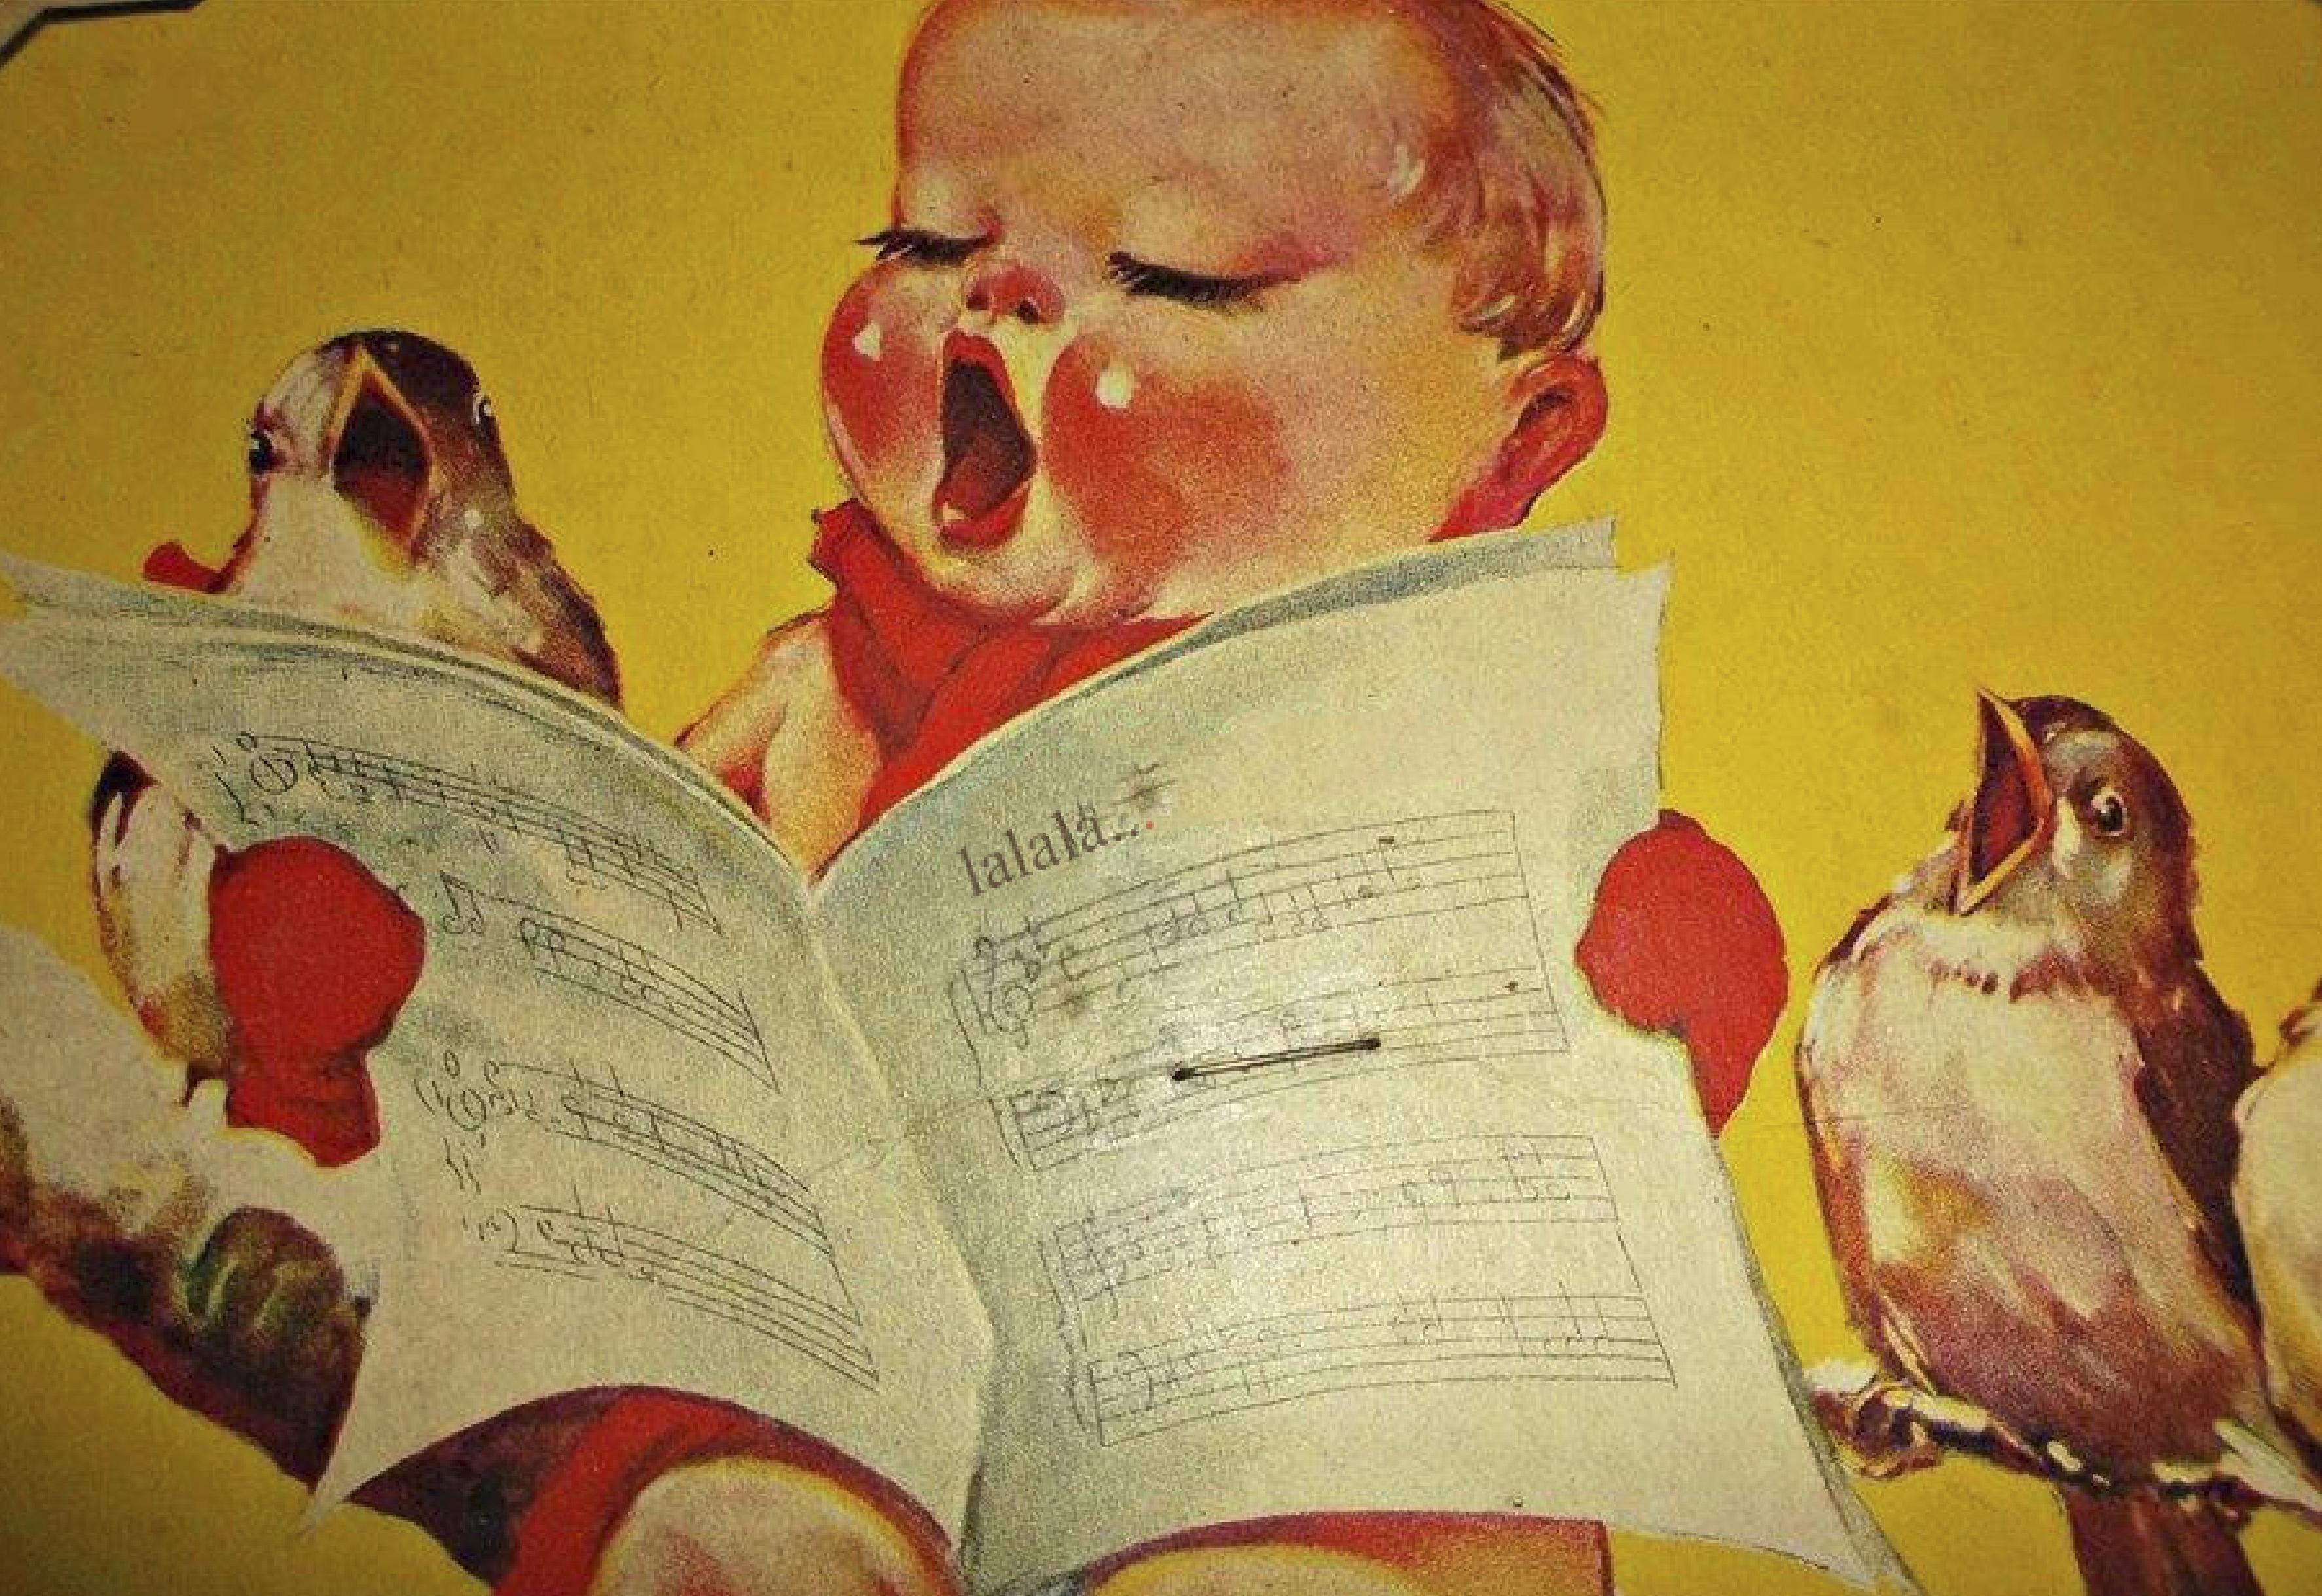 6865047ff14 juni BABYRYTMIK (4-7 mdr.) Fra 12:00 til 12:45Det bedste, en baby ved, er  lyden af mors og fars stemmer. Især når de synger. Til babyrytmik synger vi  nye og ...